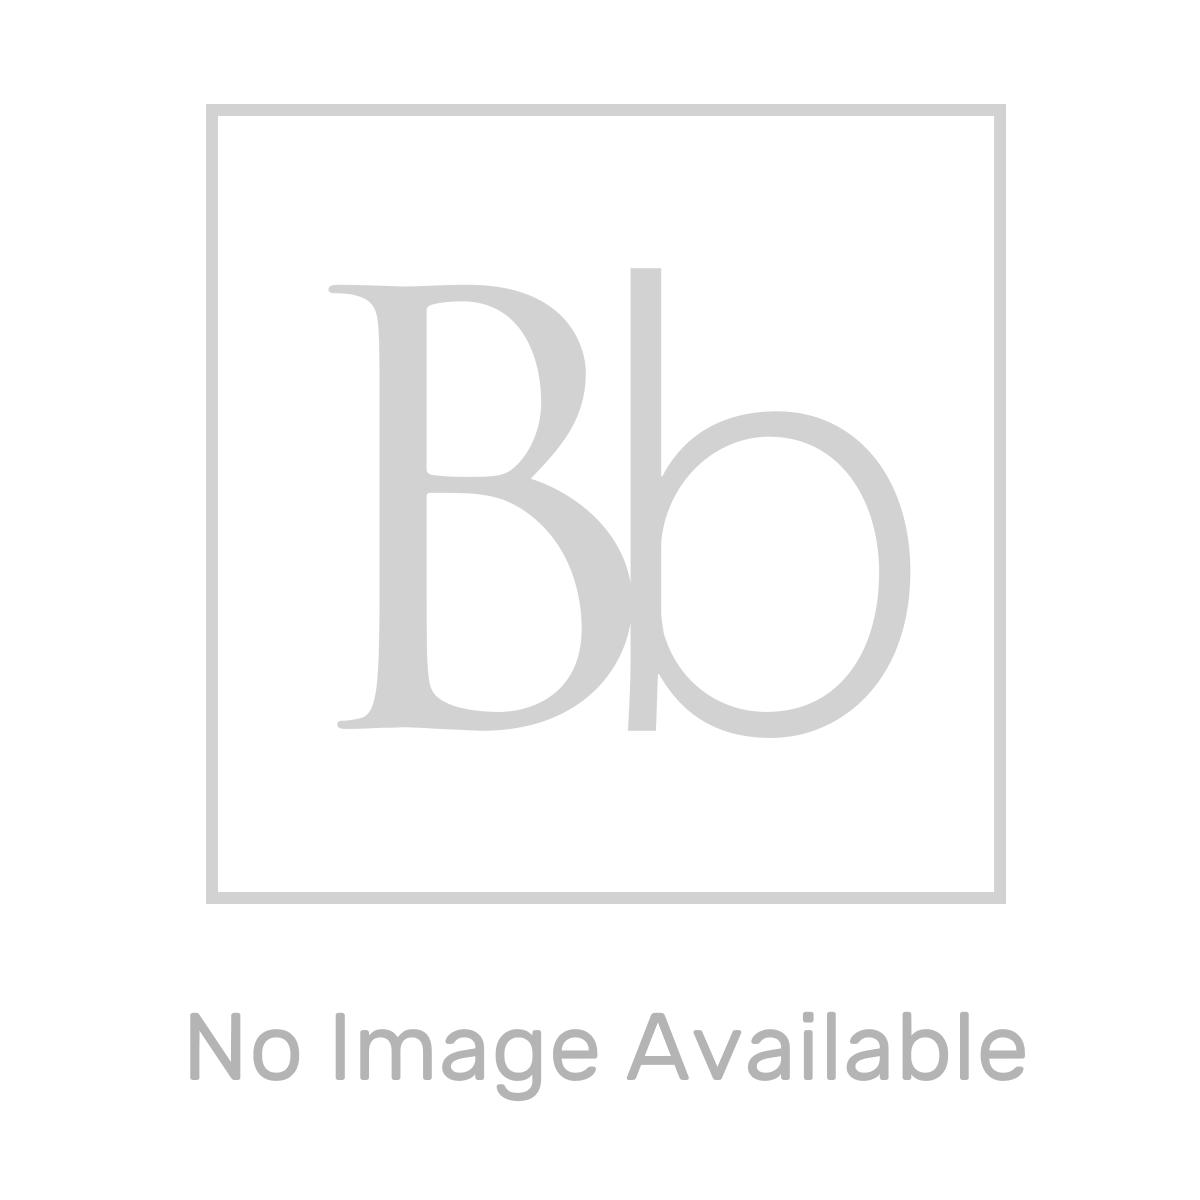 HiB Infuse Round White LED Showerlight